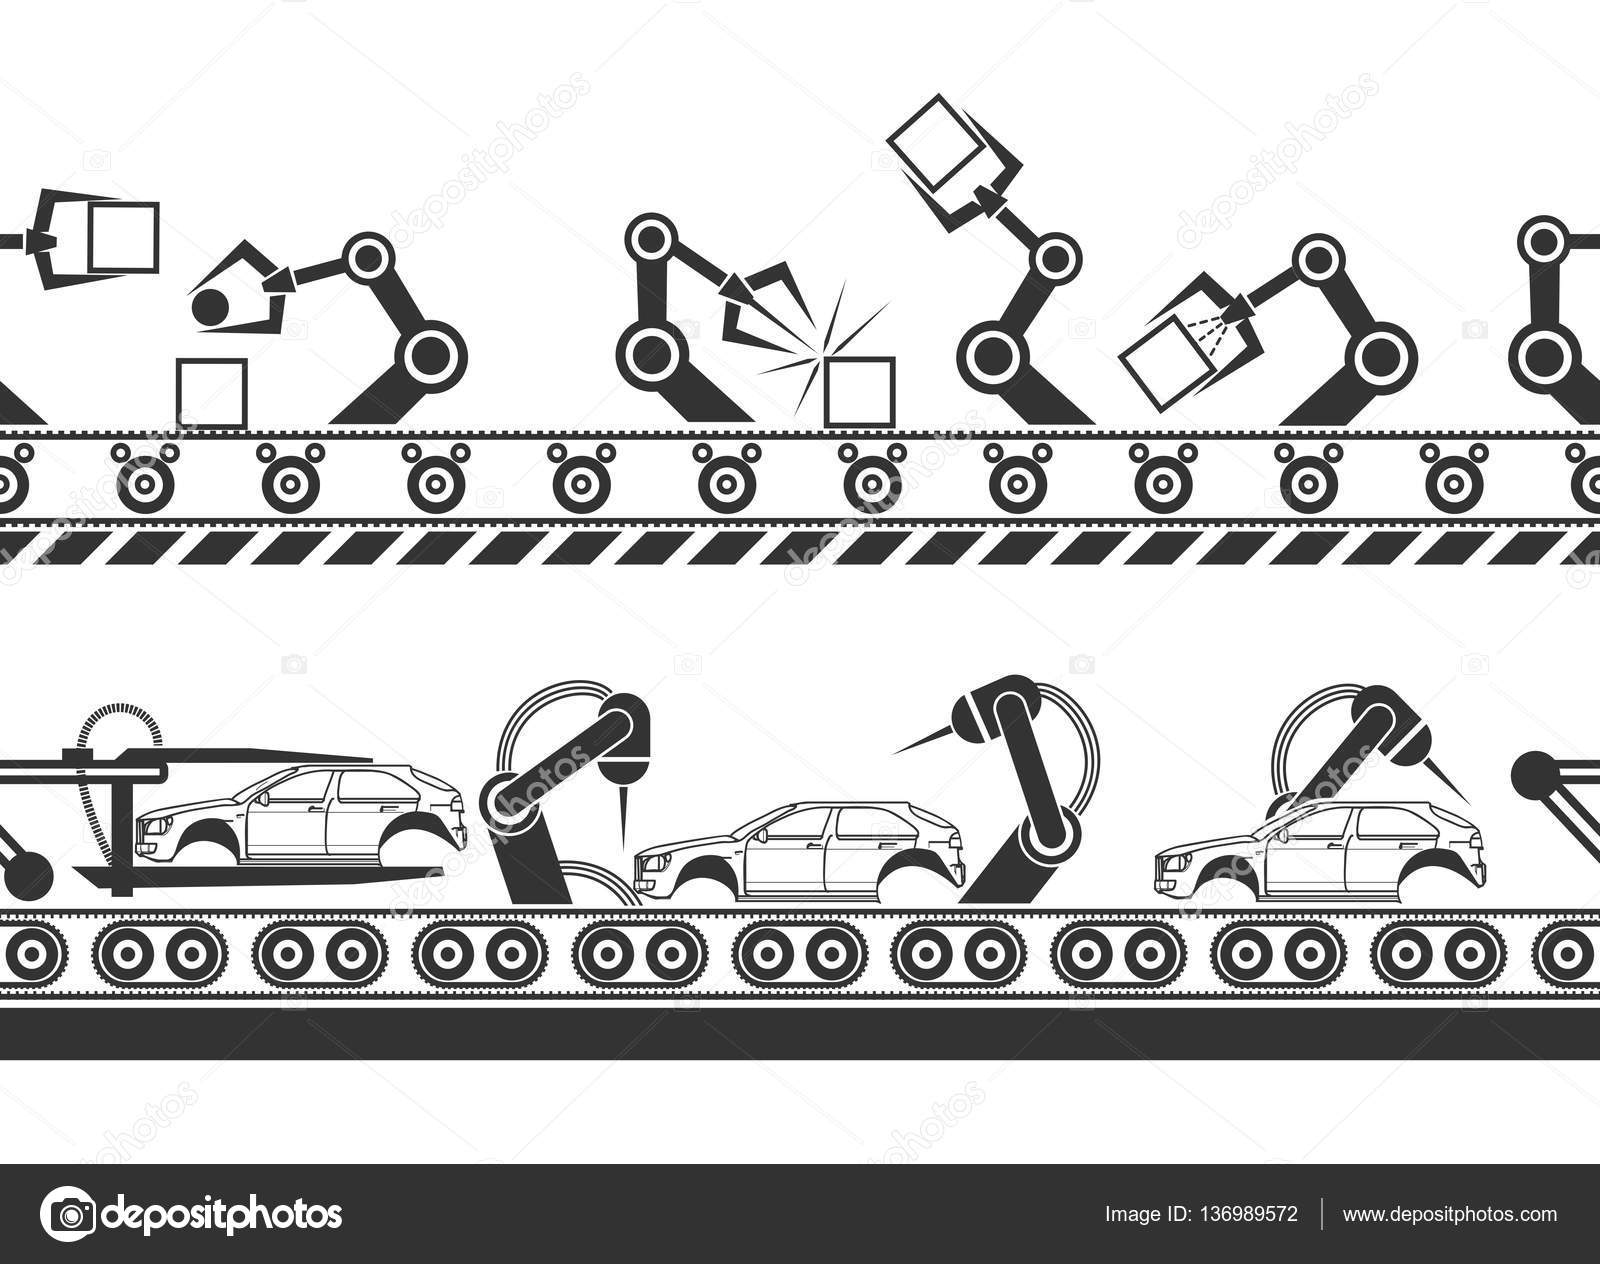 Fabricacao De Linha Com Maos De Robo